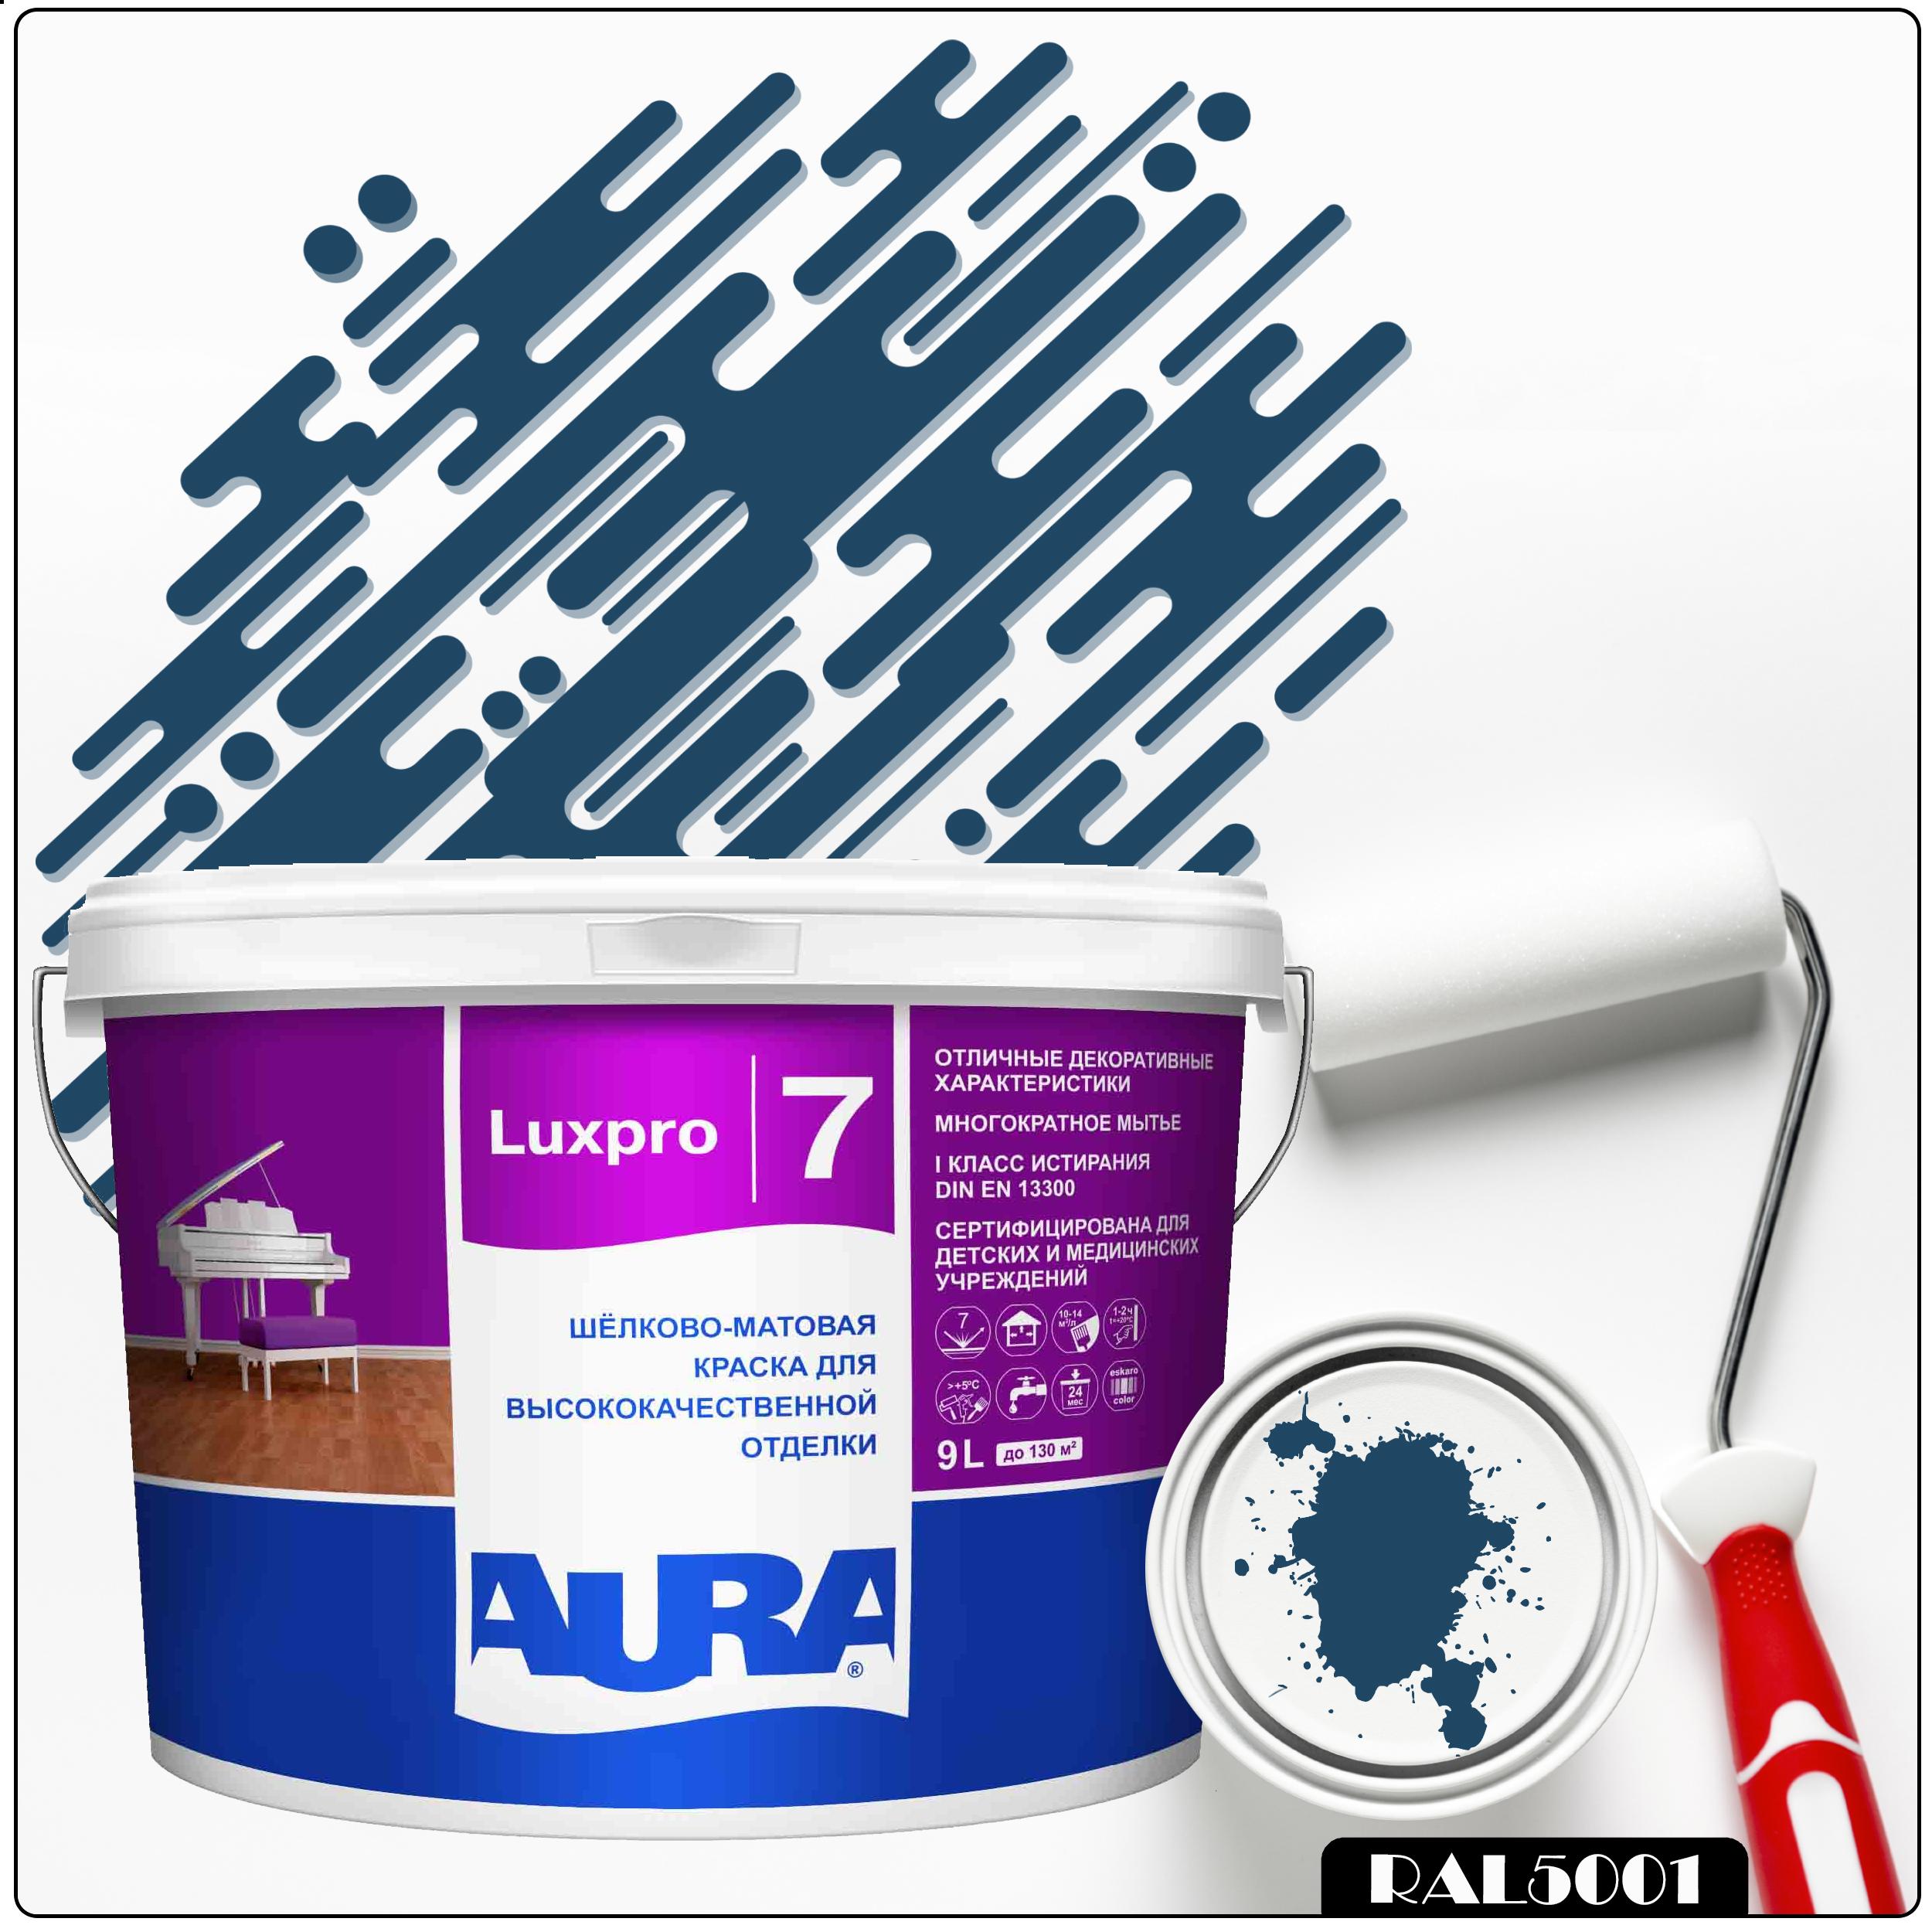 Фото 2 - Краска Aura LuxPRO 7, RAL 5001 Зелёно-синий, латексная, шелково-матовая, интерьерная, 9л, Аура.